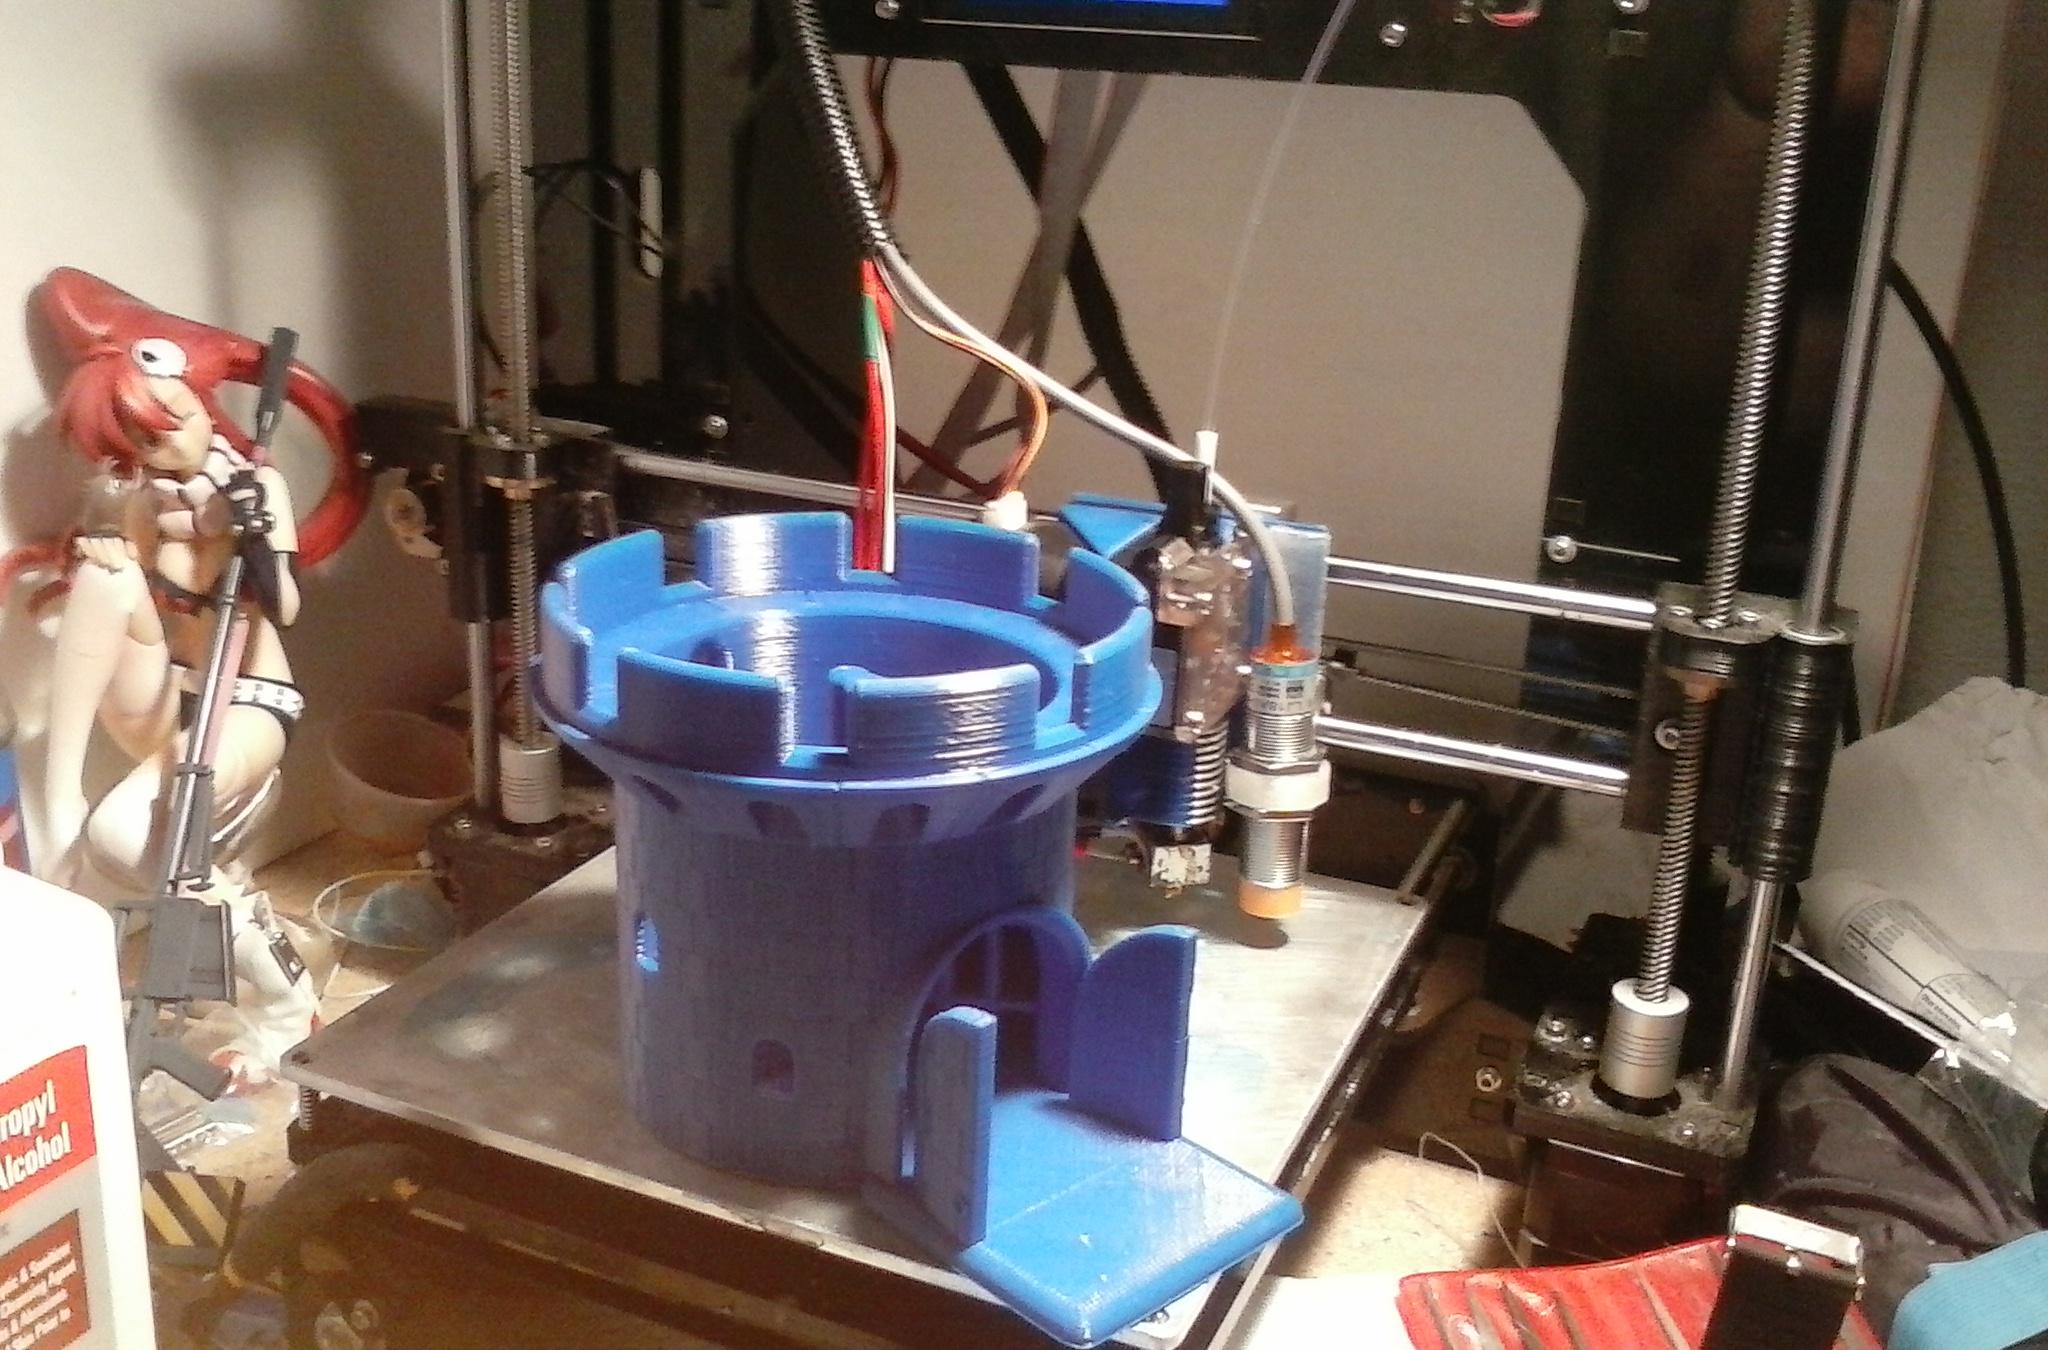 3D printer clones